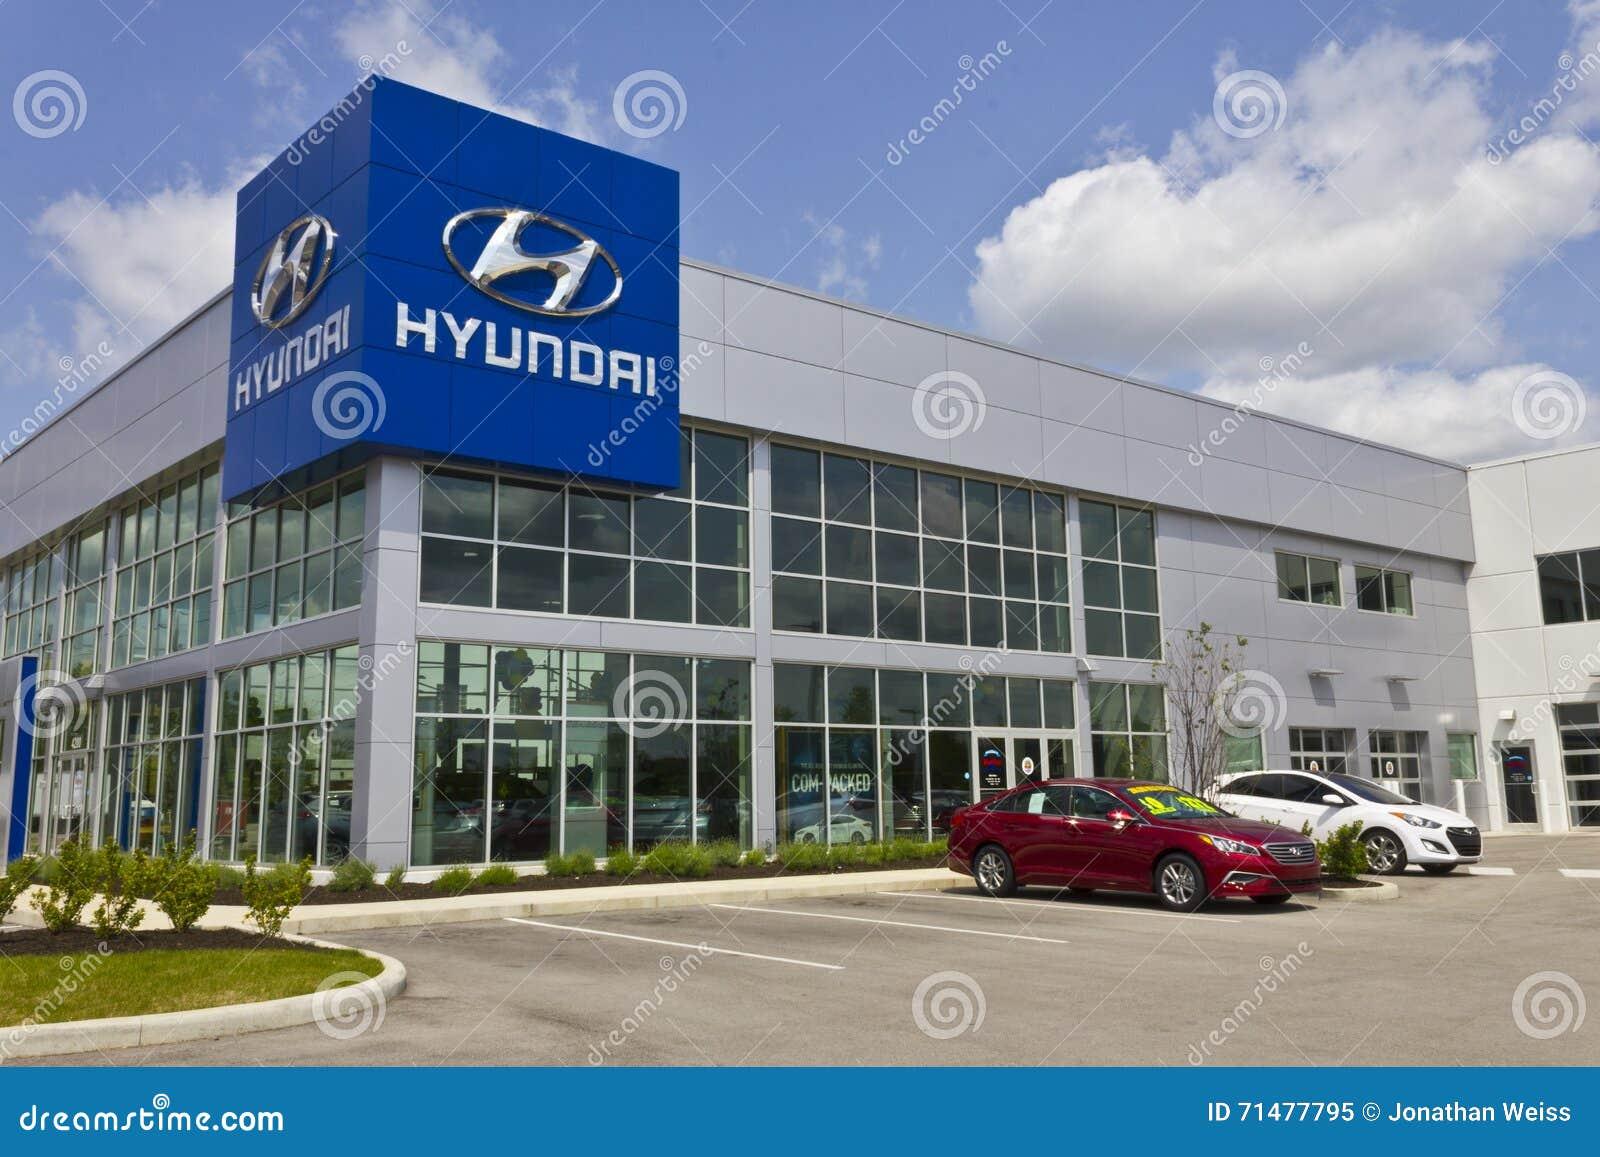 Indianapolis - Circa May 2016: Hyundai Motor Company Dealership III